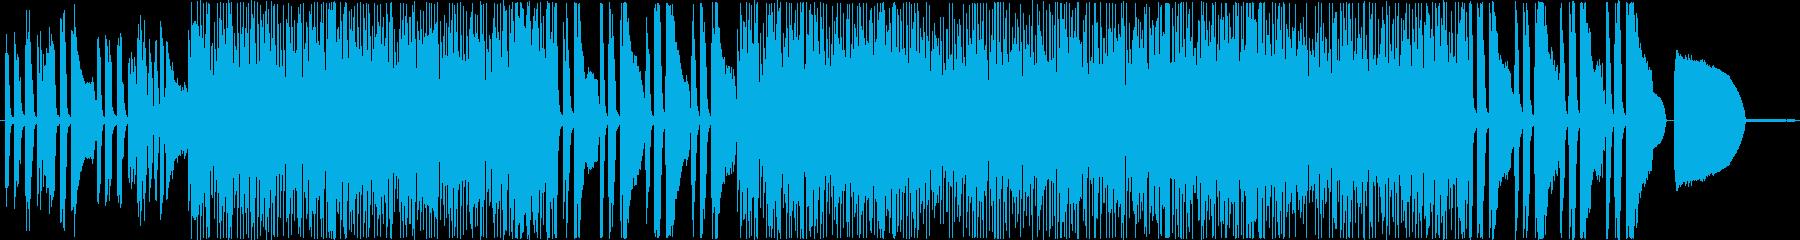 面白い状況に最適な愚かなコメディ音楽の再生済みの波形